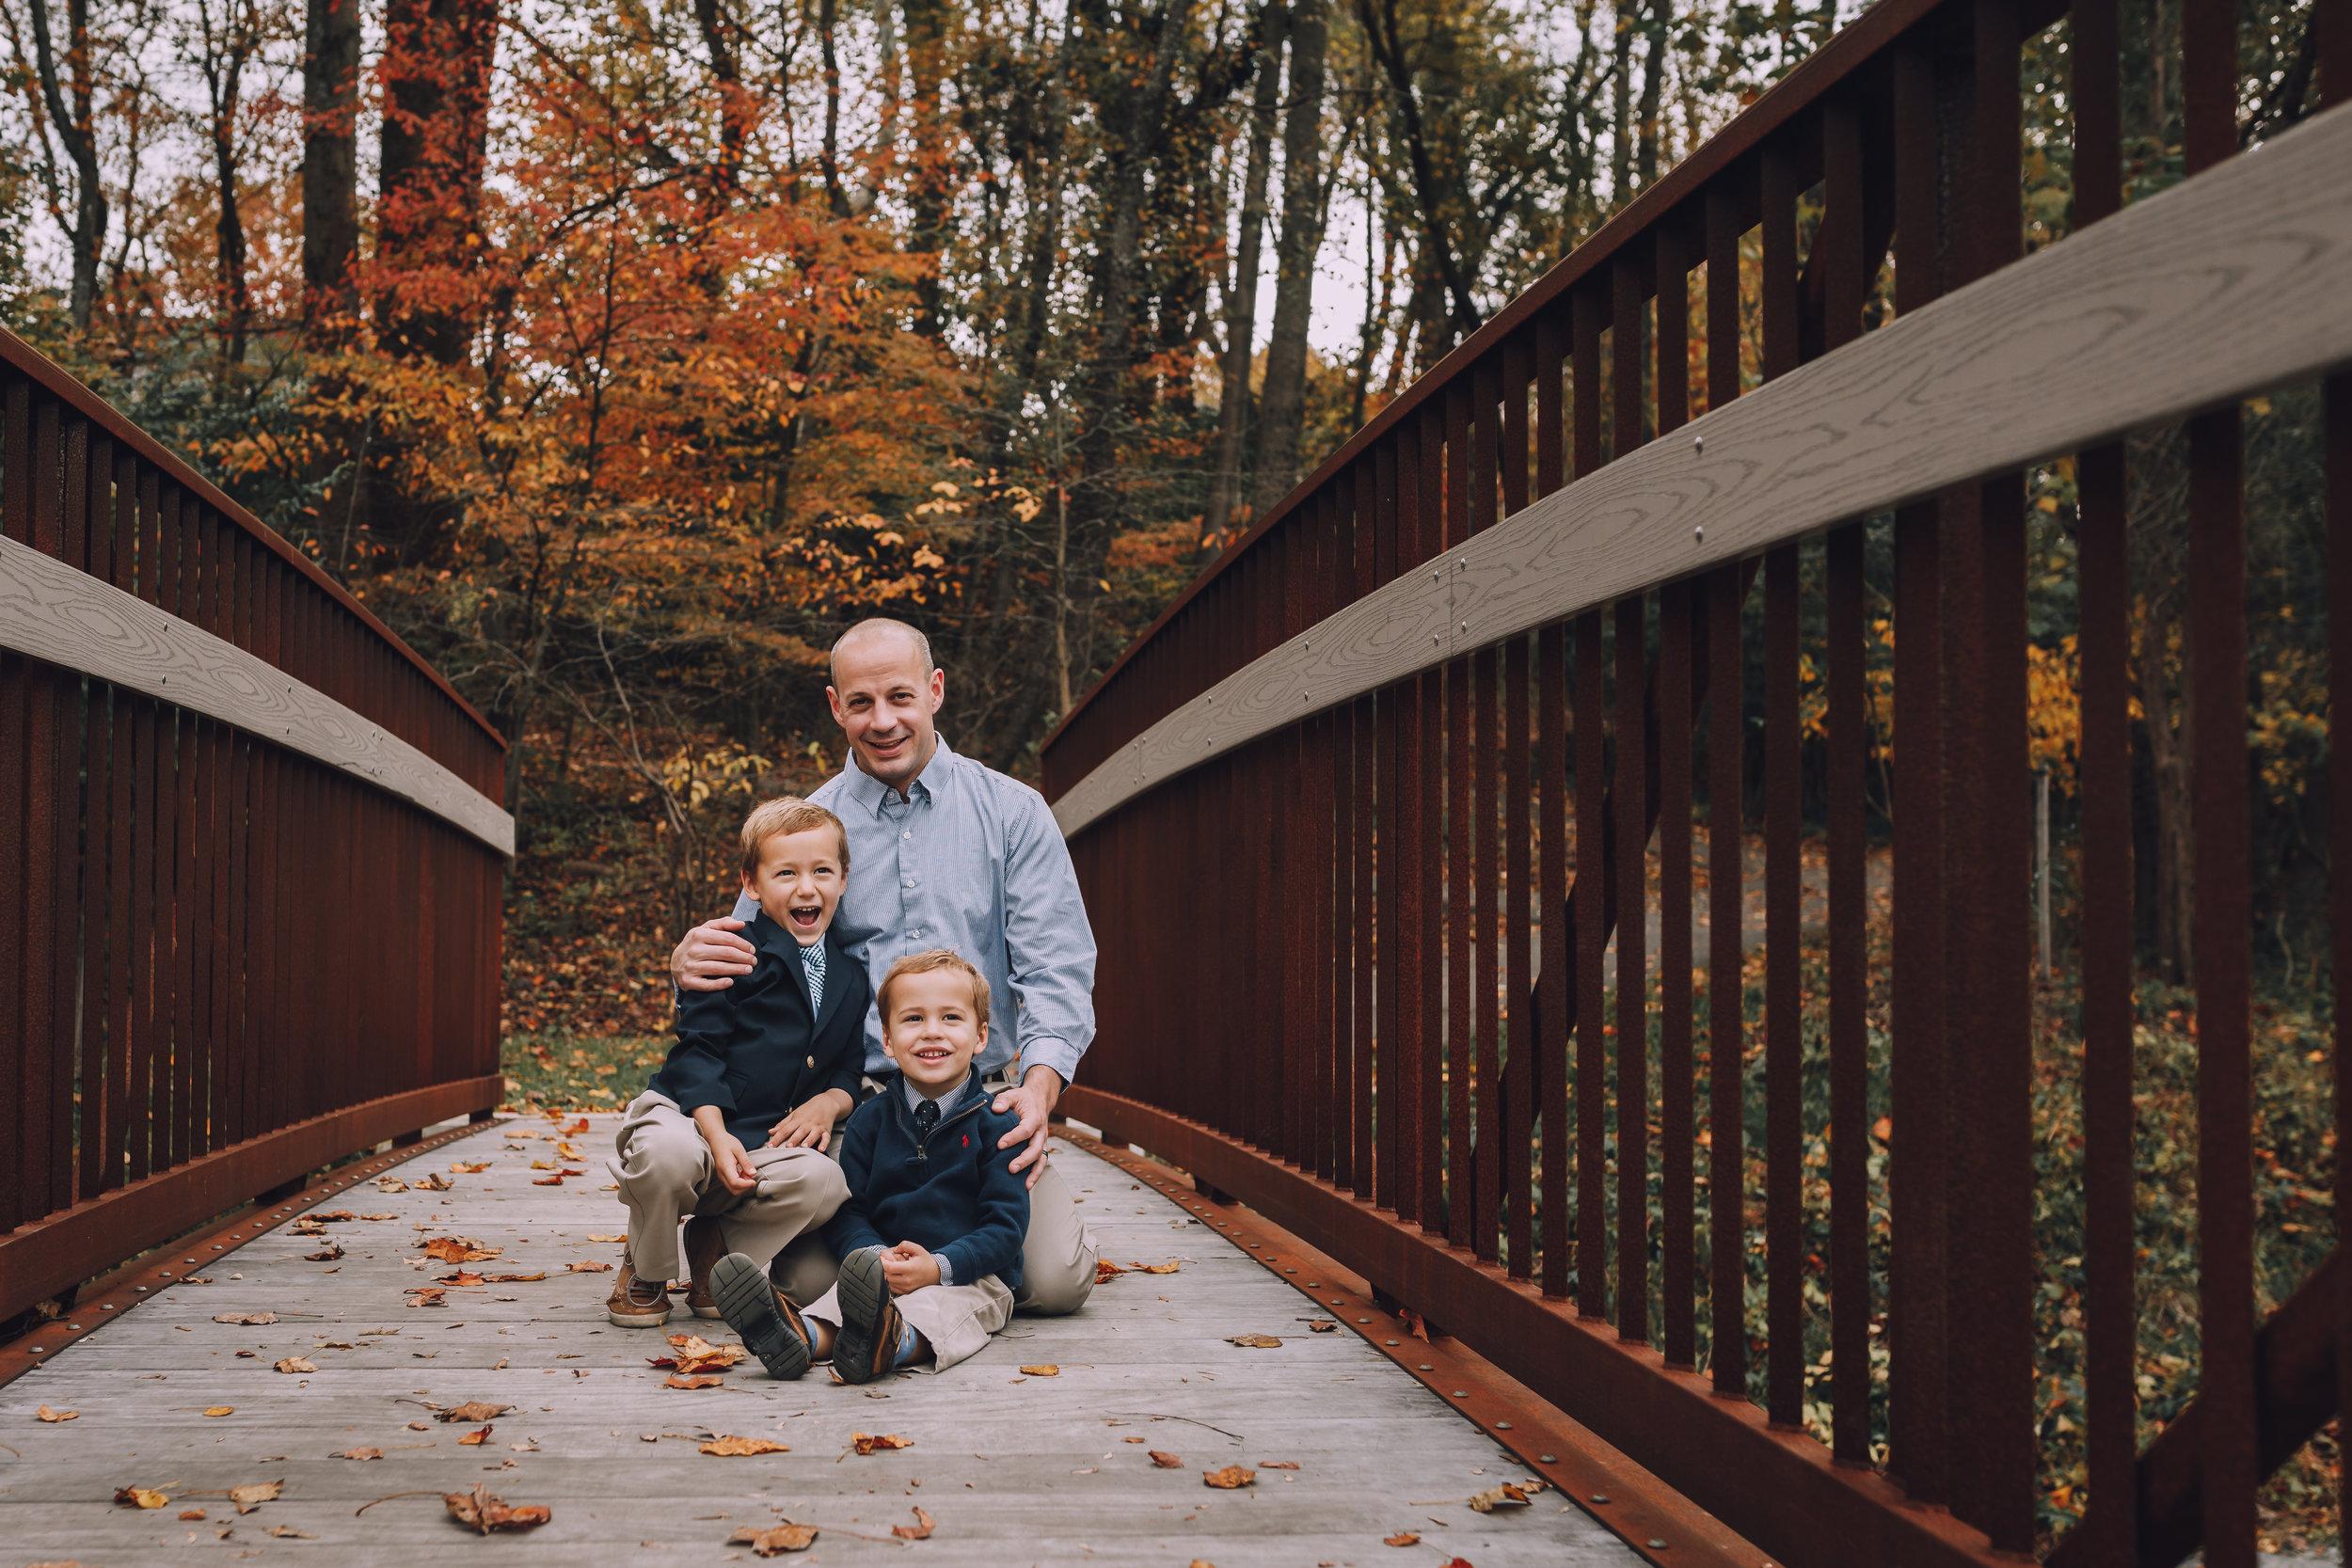 Family_Photographer_Rockville_Maryland04.jpg